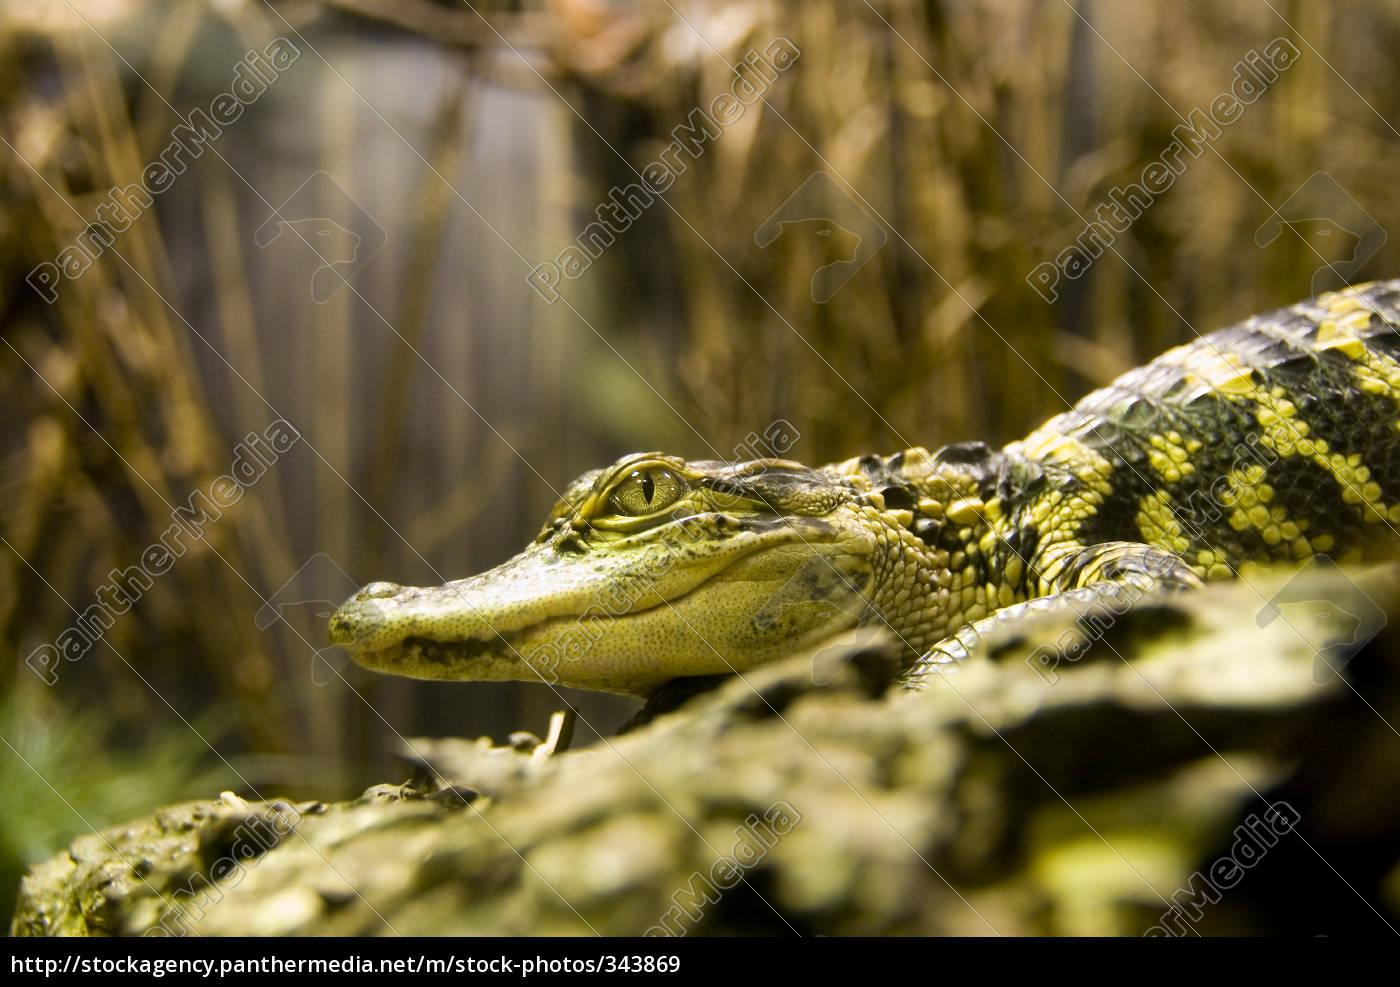 crocodile - 343869